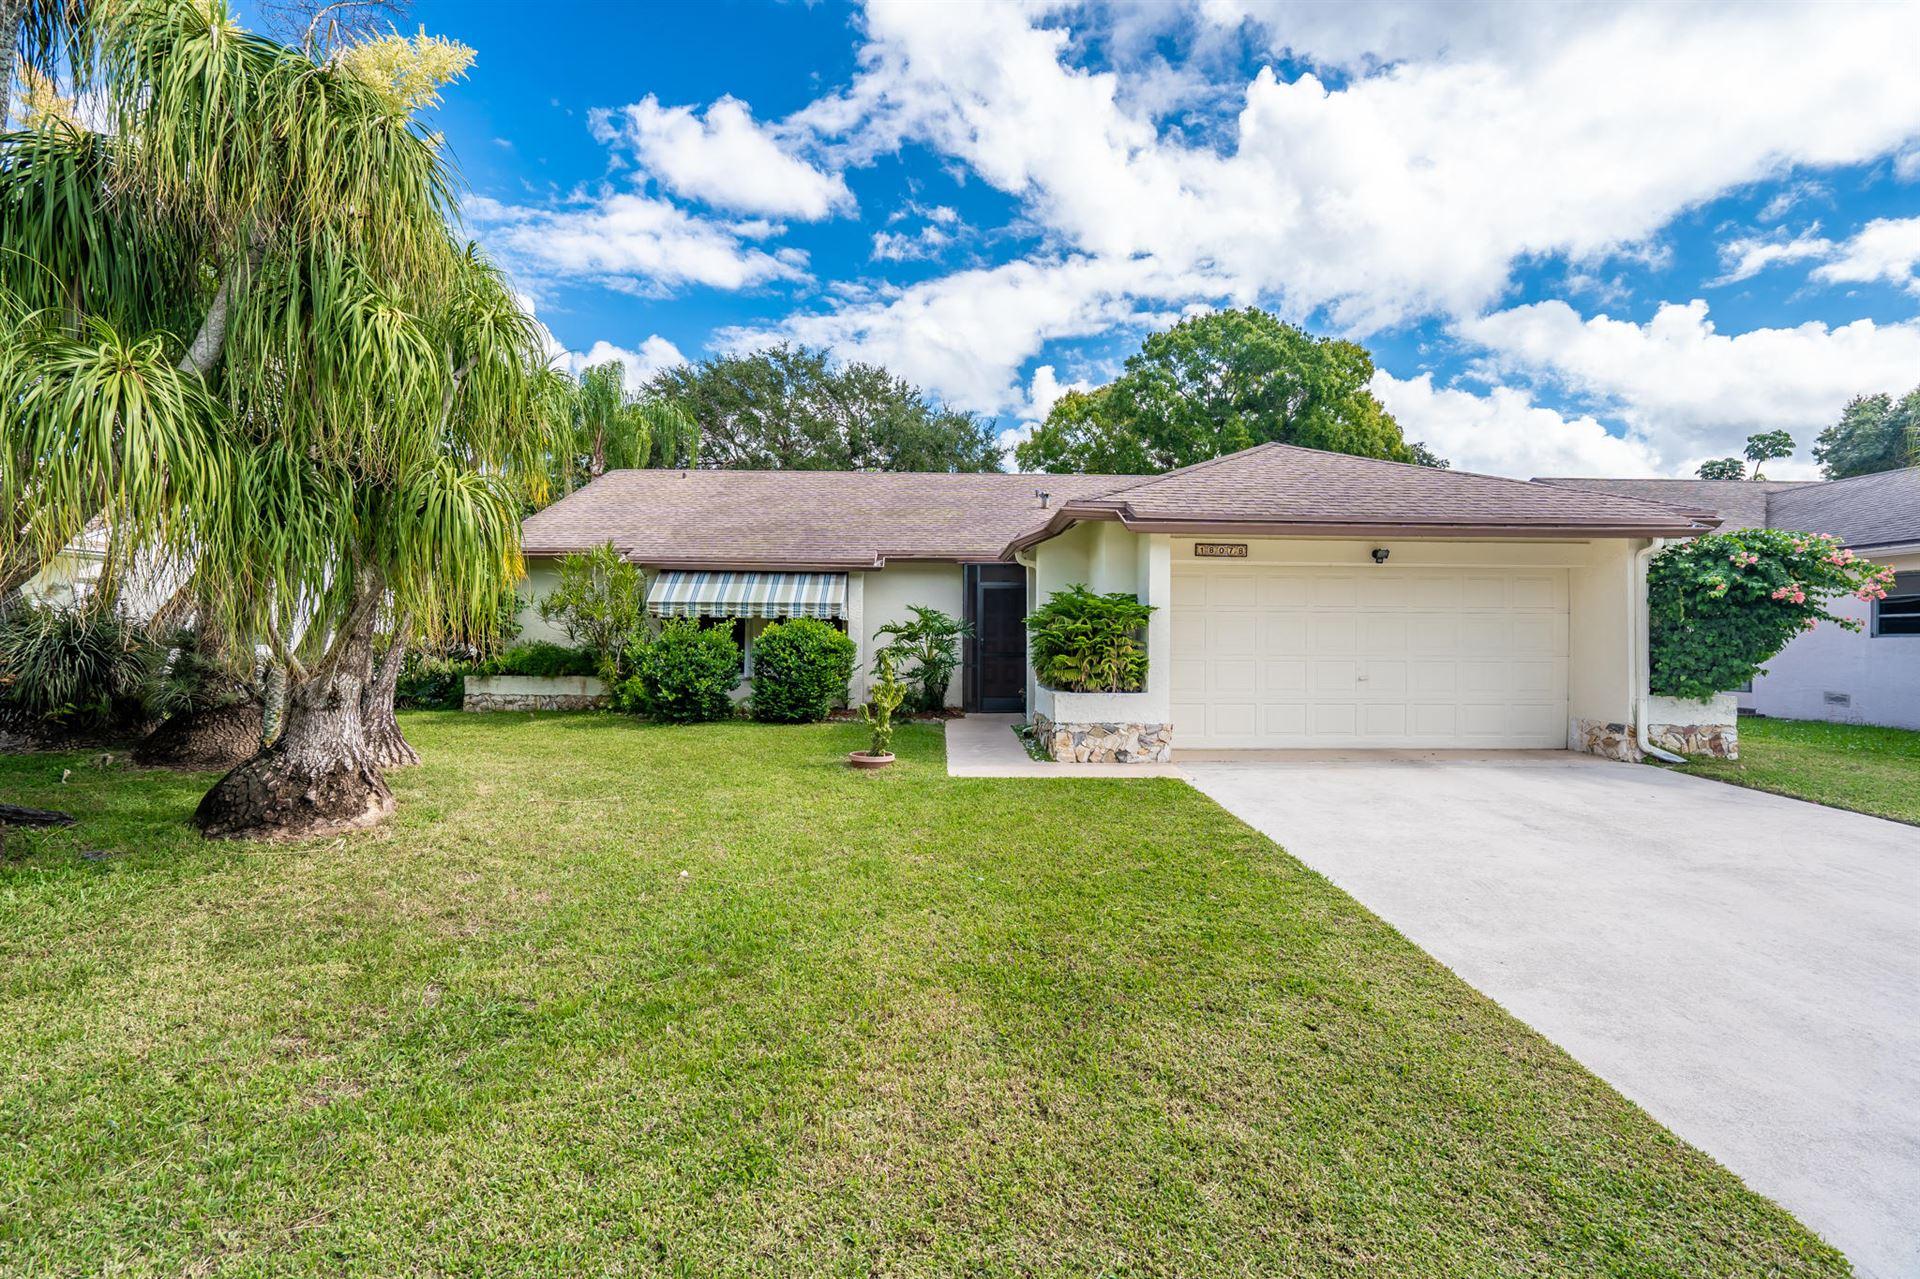 18078 104th Terrace S, Boca Raton, FL 33498 - #: RX-10657341